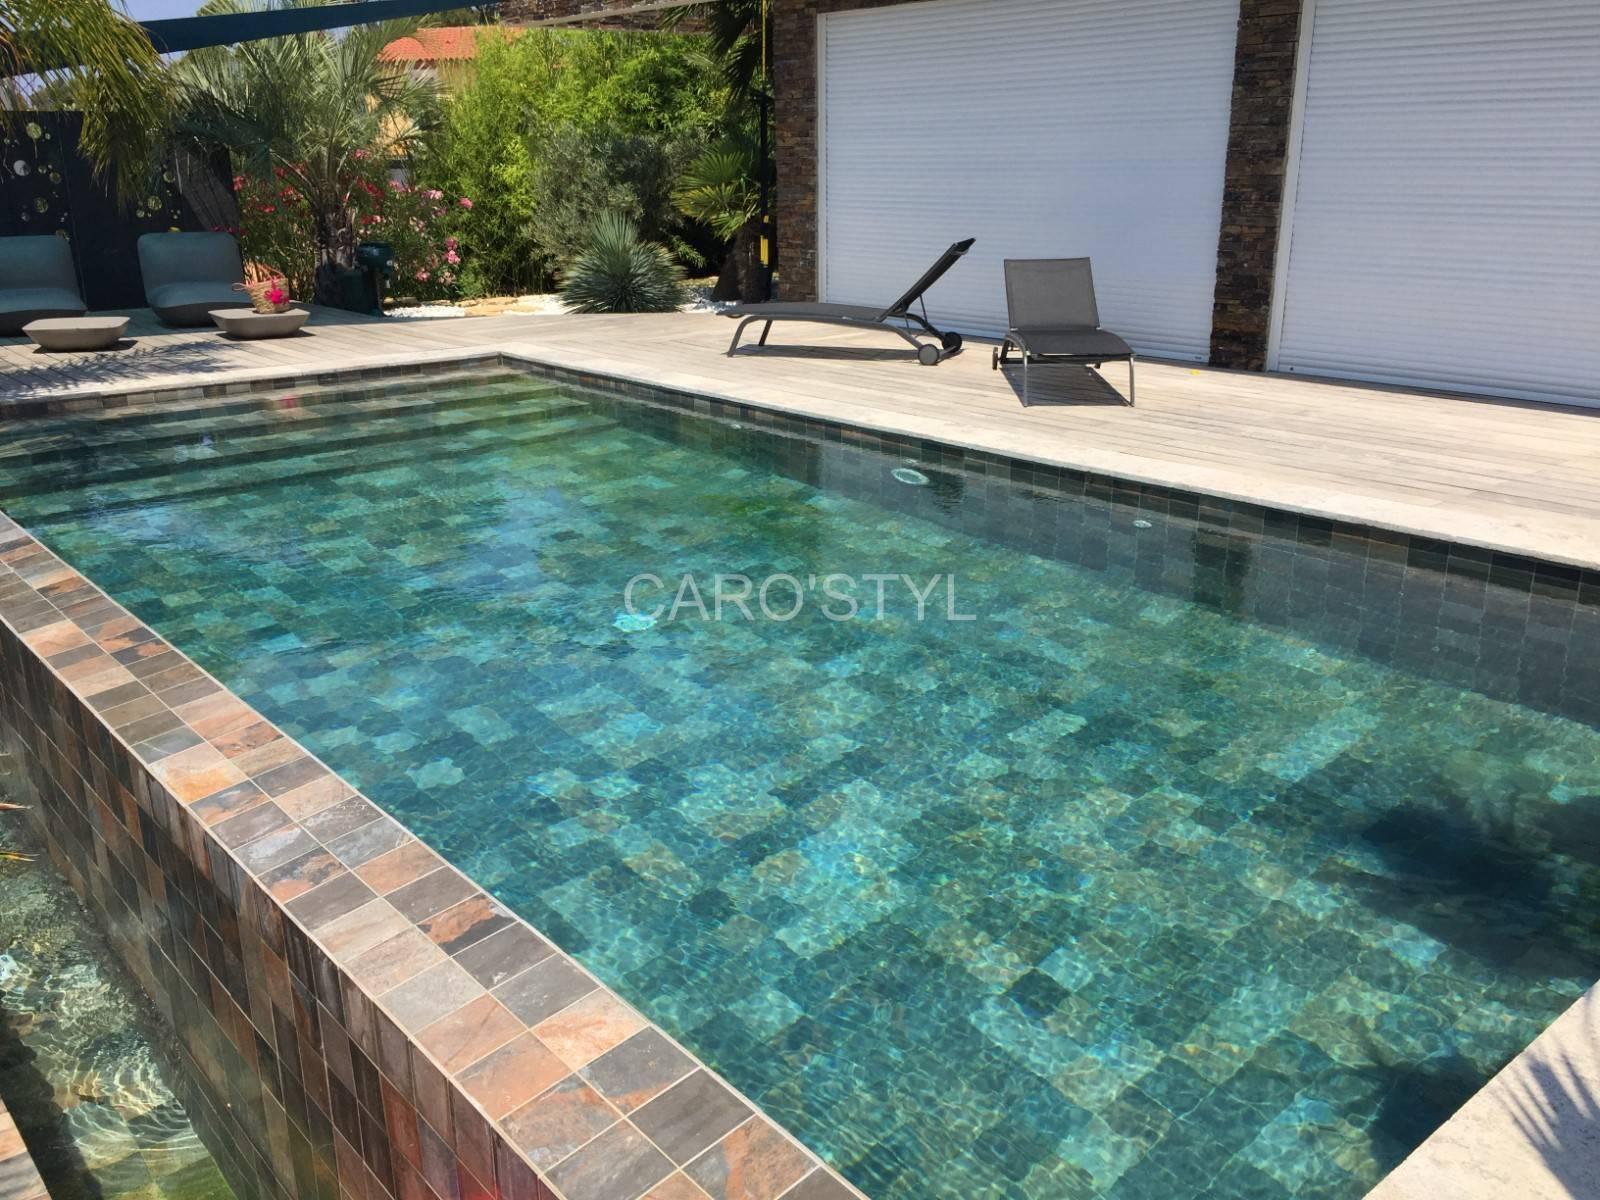 Carrelage Green Bali® 30X60 , Pour Un Bassin Avant Gardiste ... tout Green Bali 30X60